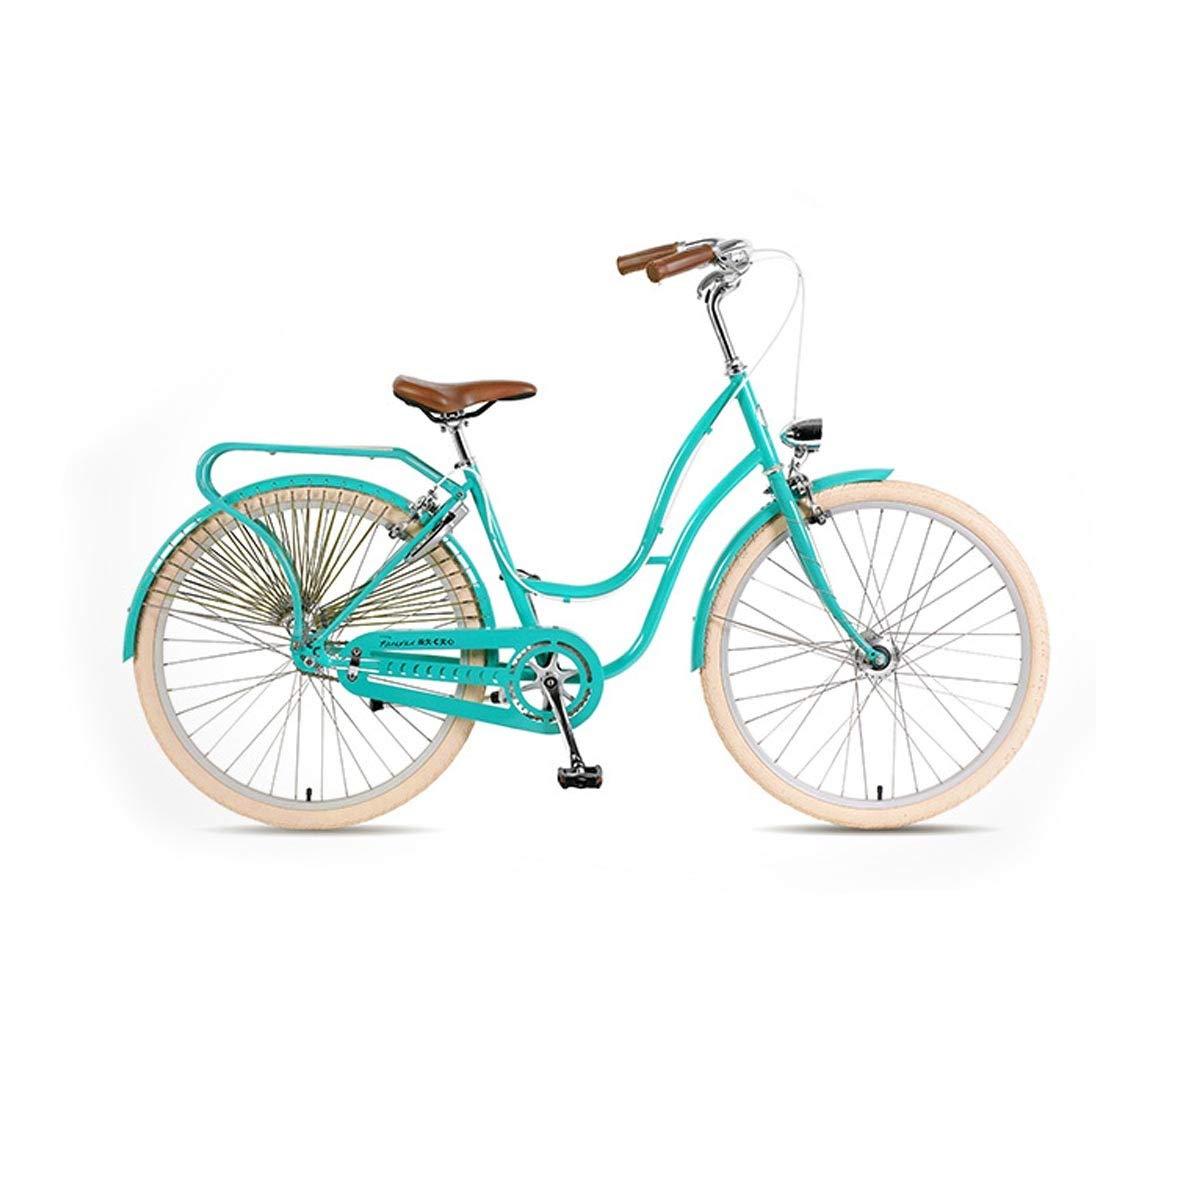 レトロな自転車、26インチ、シンプルでスタイリッシュな女性の文学自転車、都市通勤用自転車 (Color : Light 青) Light 青